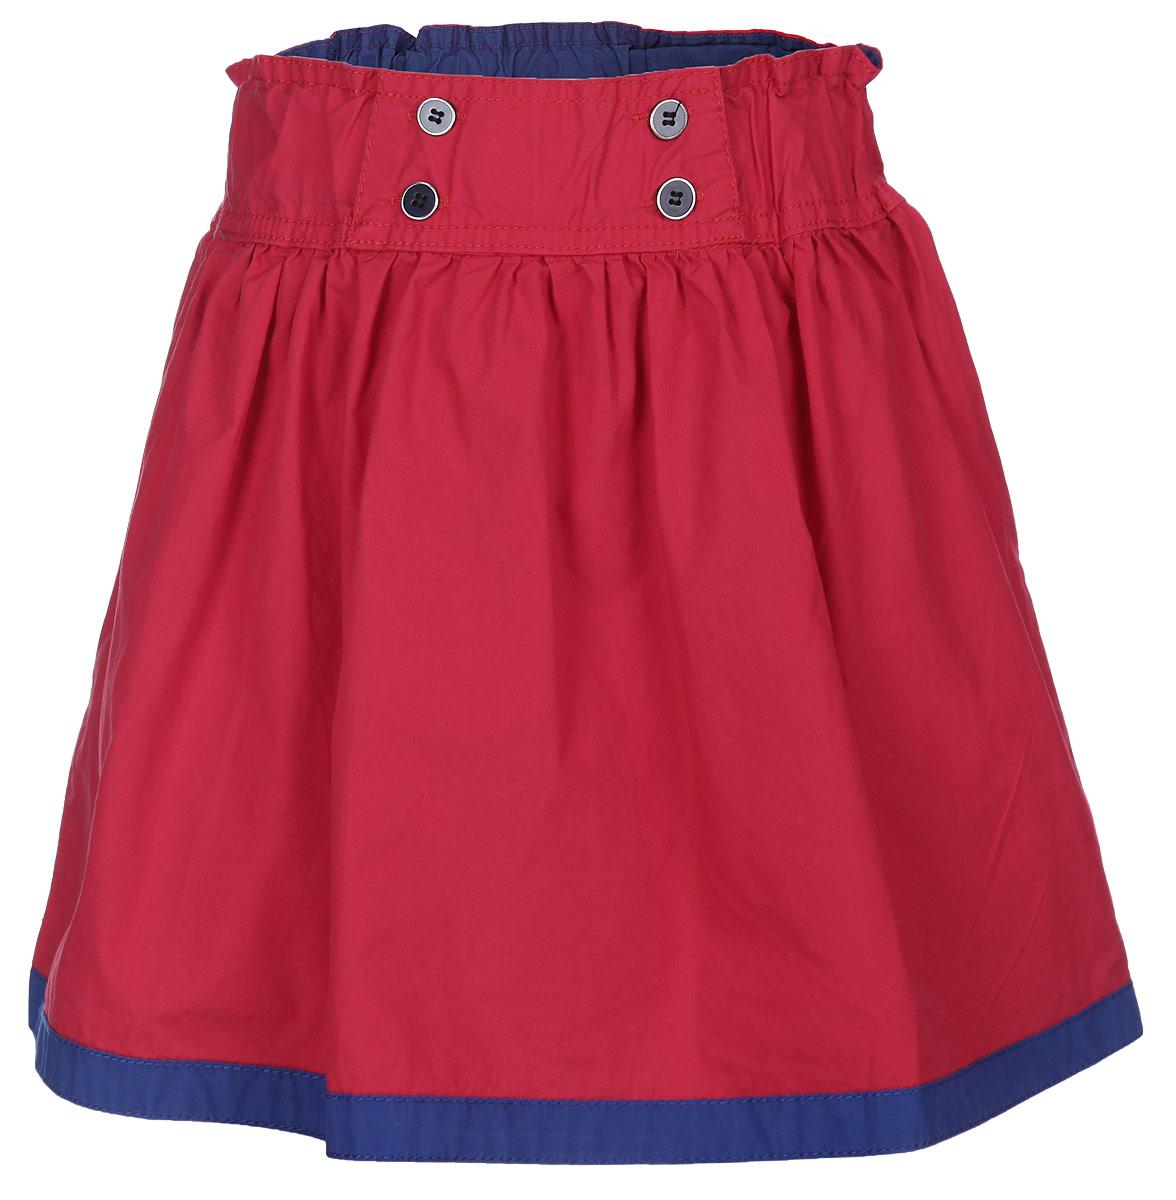 Юбка для девочки. 195452195452Юбка для девочки Sweet Berry подойдет вашей маленькой моднице и станет отличным дополнением к ее гардеробу. Изготовленная из натурального хлопка, она мягкая и приятная на ощупь, не сковывает движения и позволяет коже дышать. Модель на поясе имеет широкую трикотажную резинку, которая не сдавливает животик ребенка и не позволяет юбке сползать. Спереди пояс декорирован пуговицами. По низу модель оформлена оторочкой контрастного цвета. В такой юбочке ваша маленькая принцесса будет чувствовать себя комфортно, уютно и всегда будет в центре внимания!